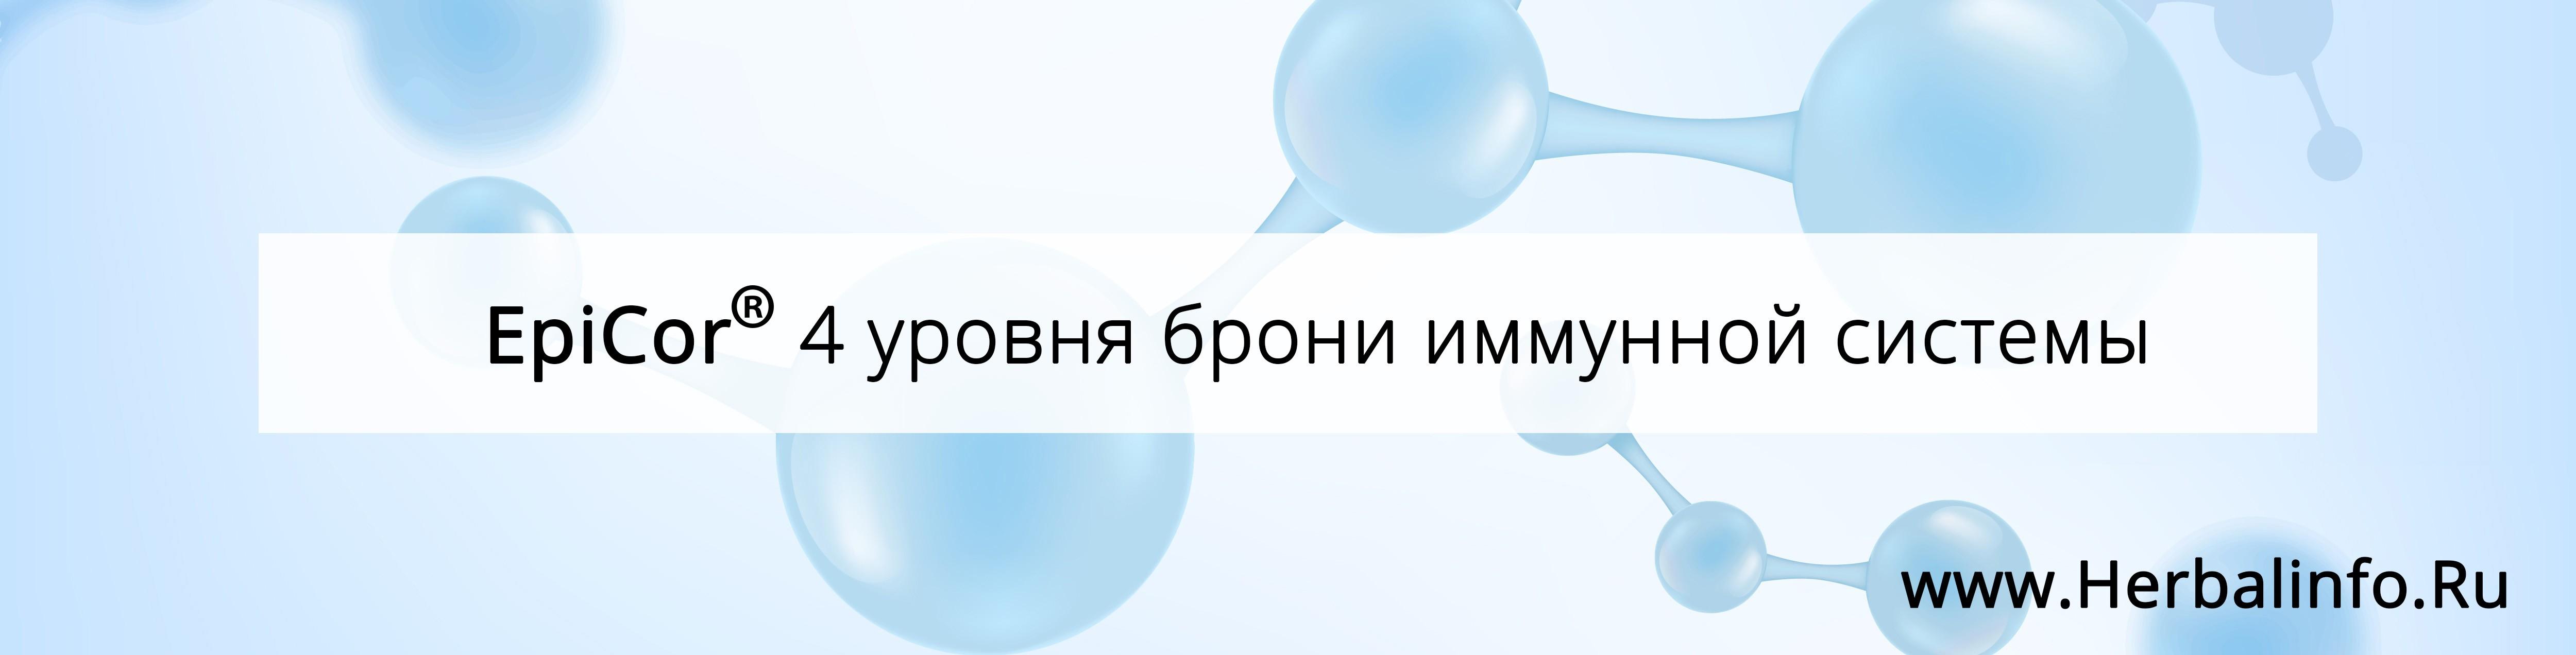 иммунитет, добавка для иммунной системы, эпикор гербалайф